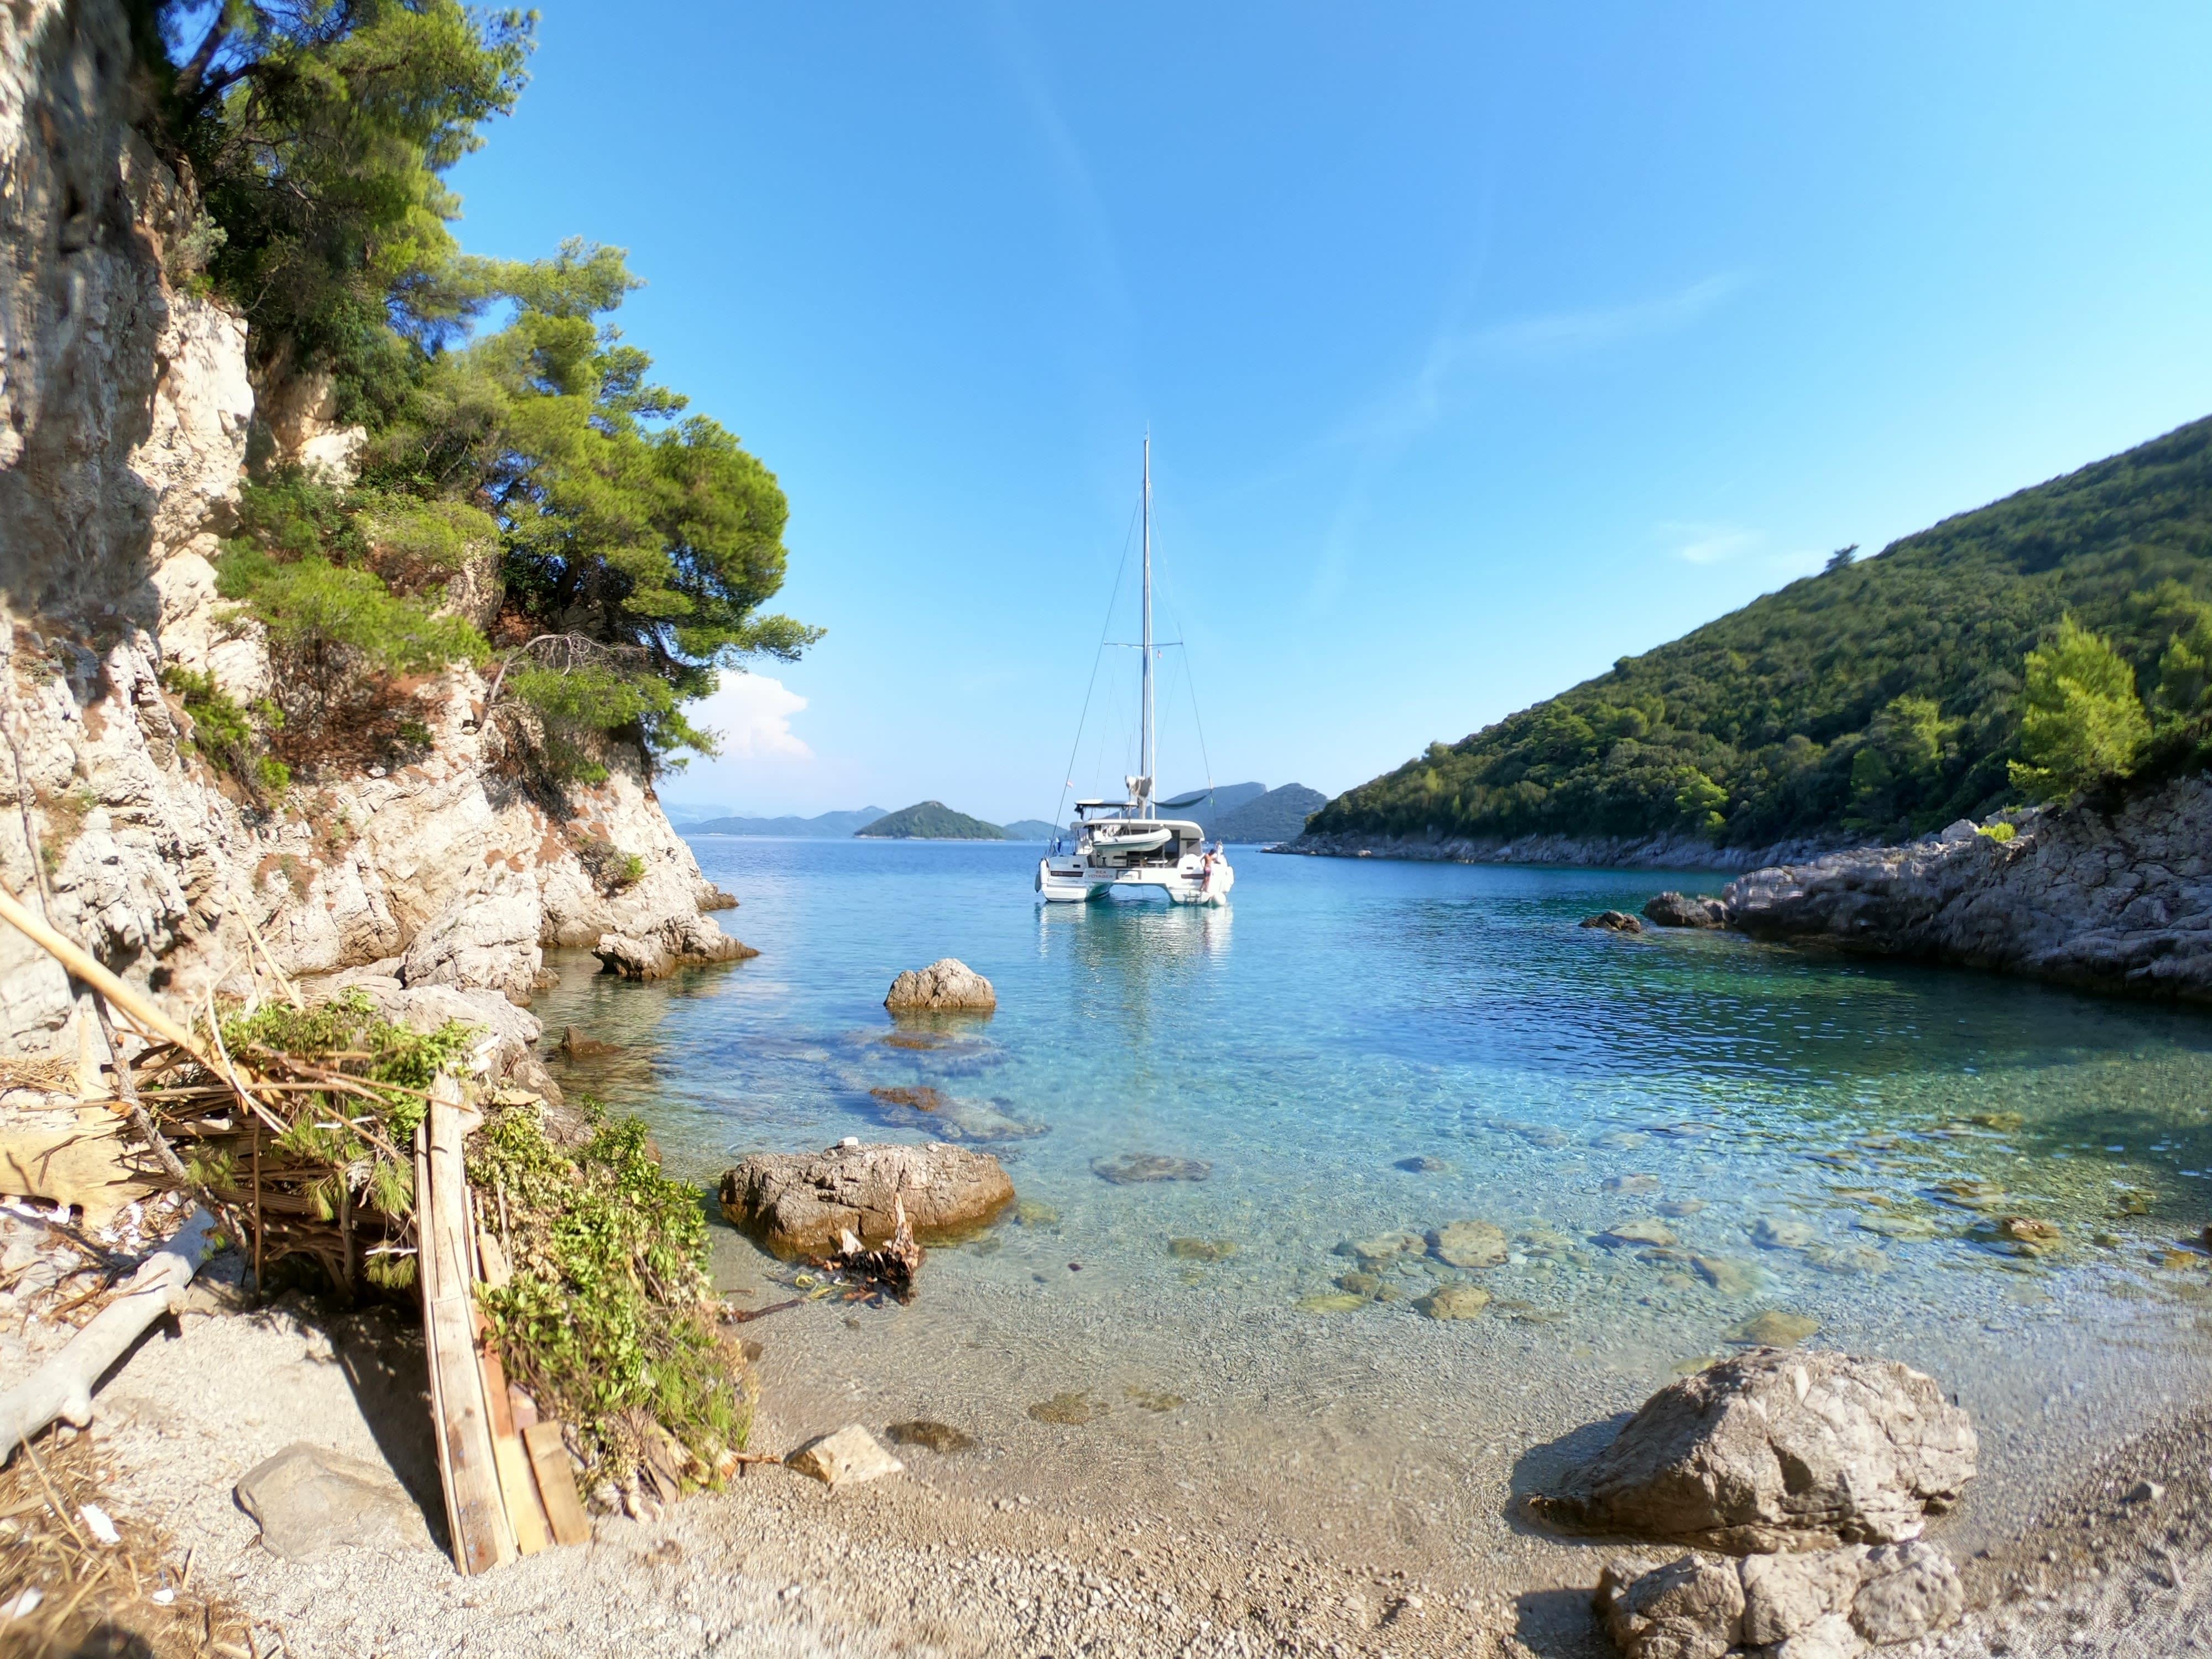 fishing in Greece by boat